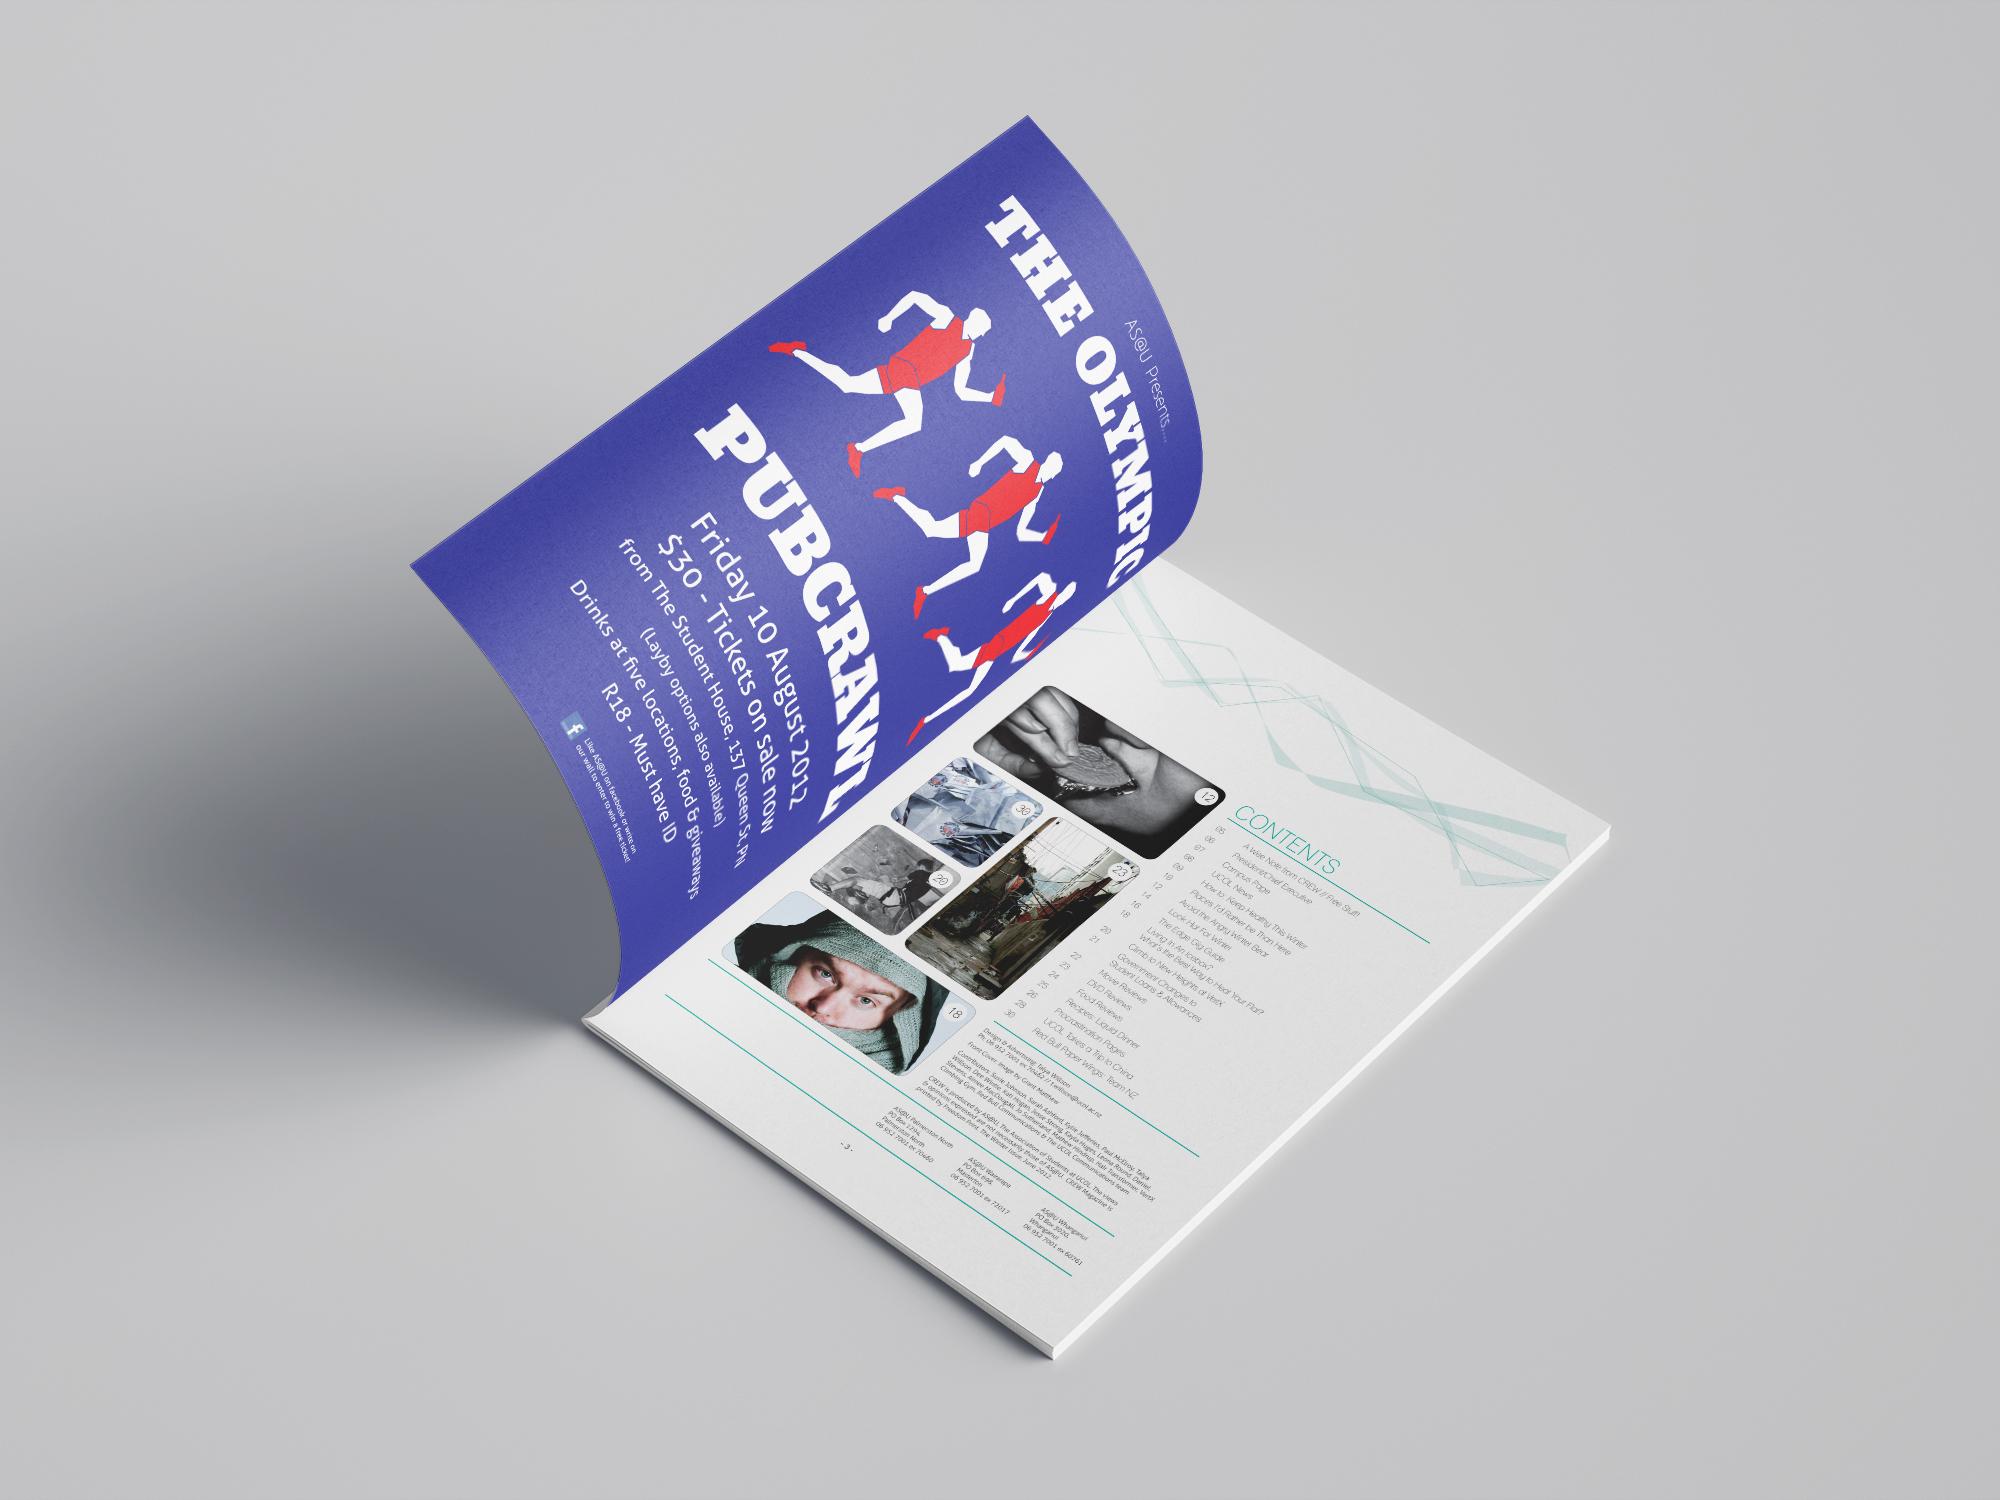 crew-winter-2012-contents.jpg